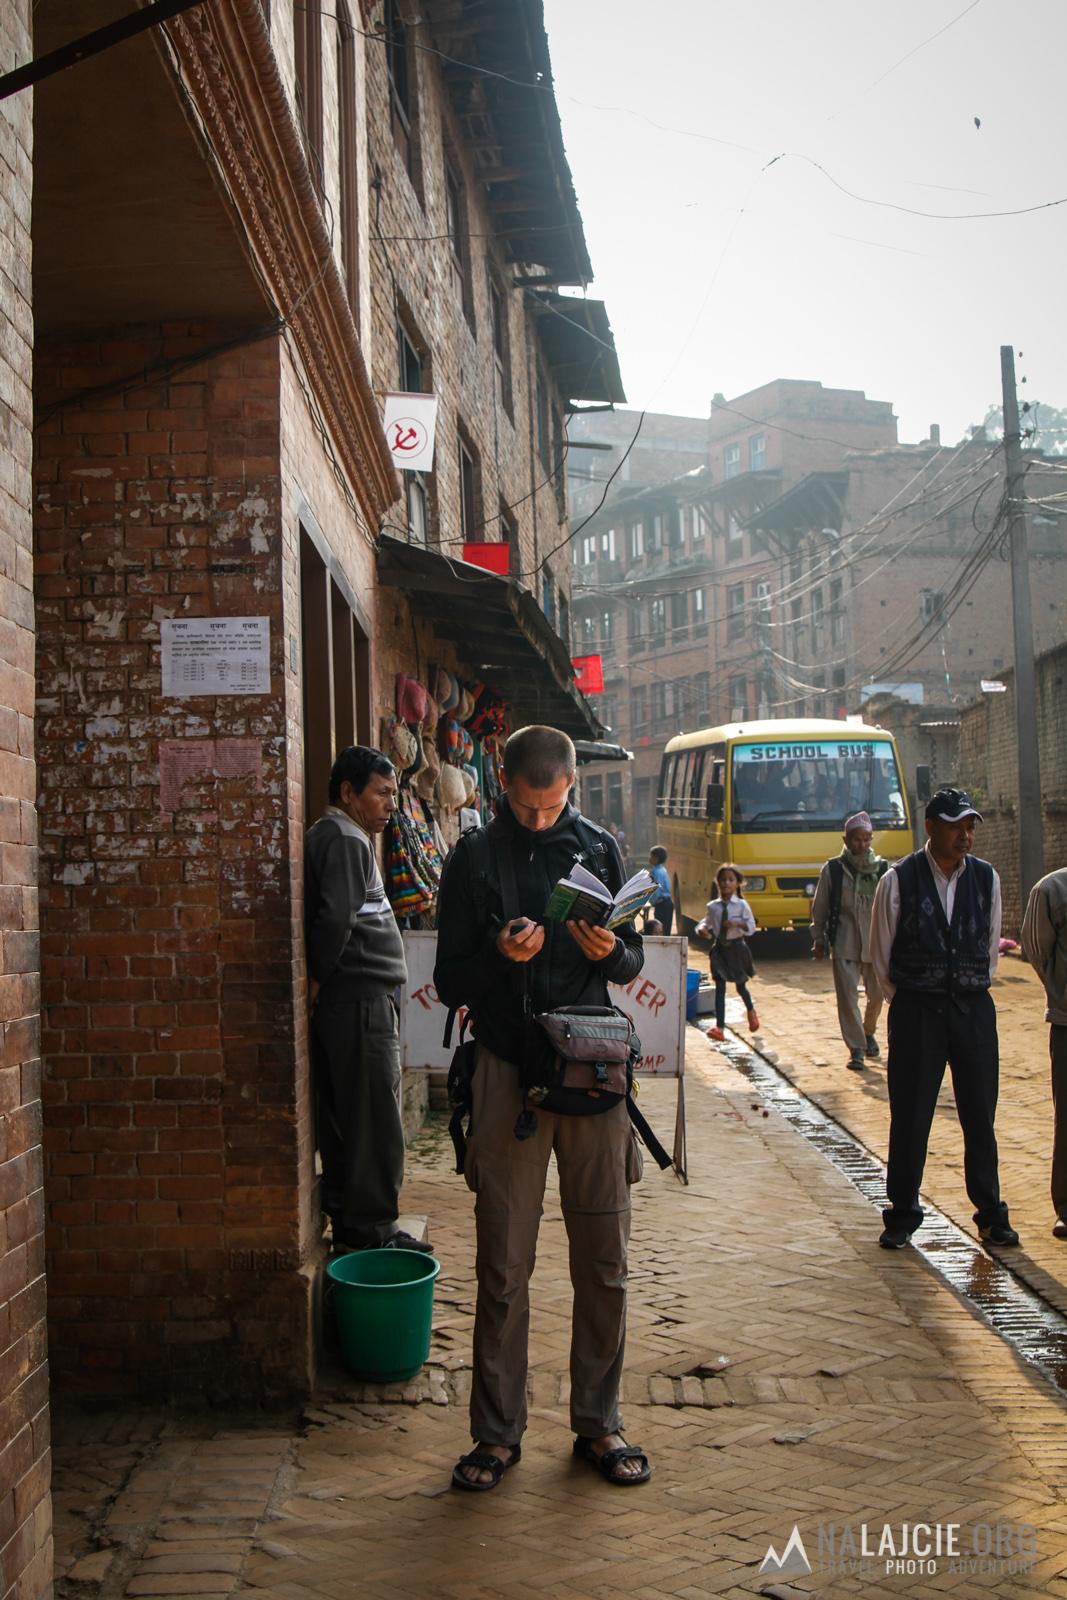 Poranek w Bhaktapur.